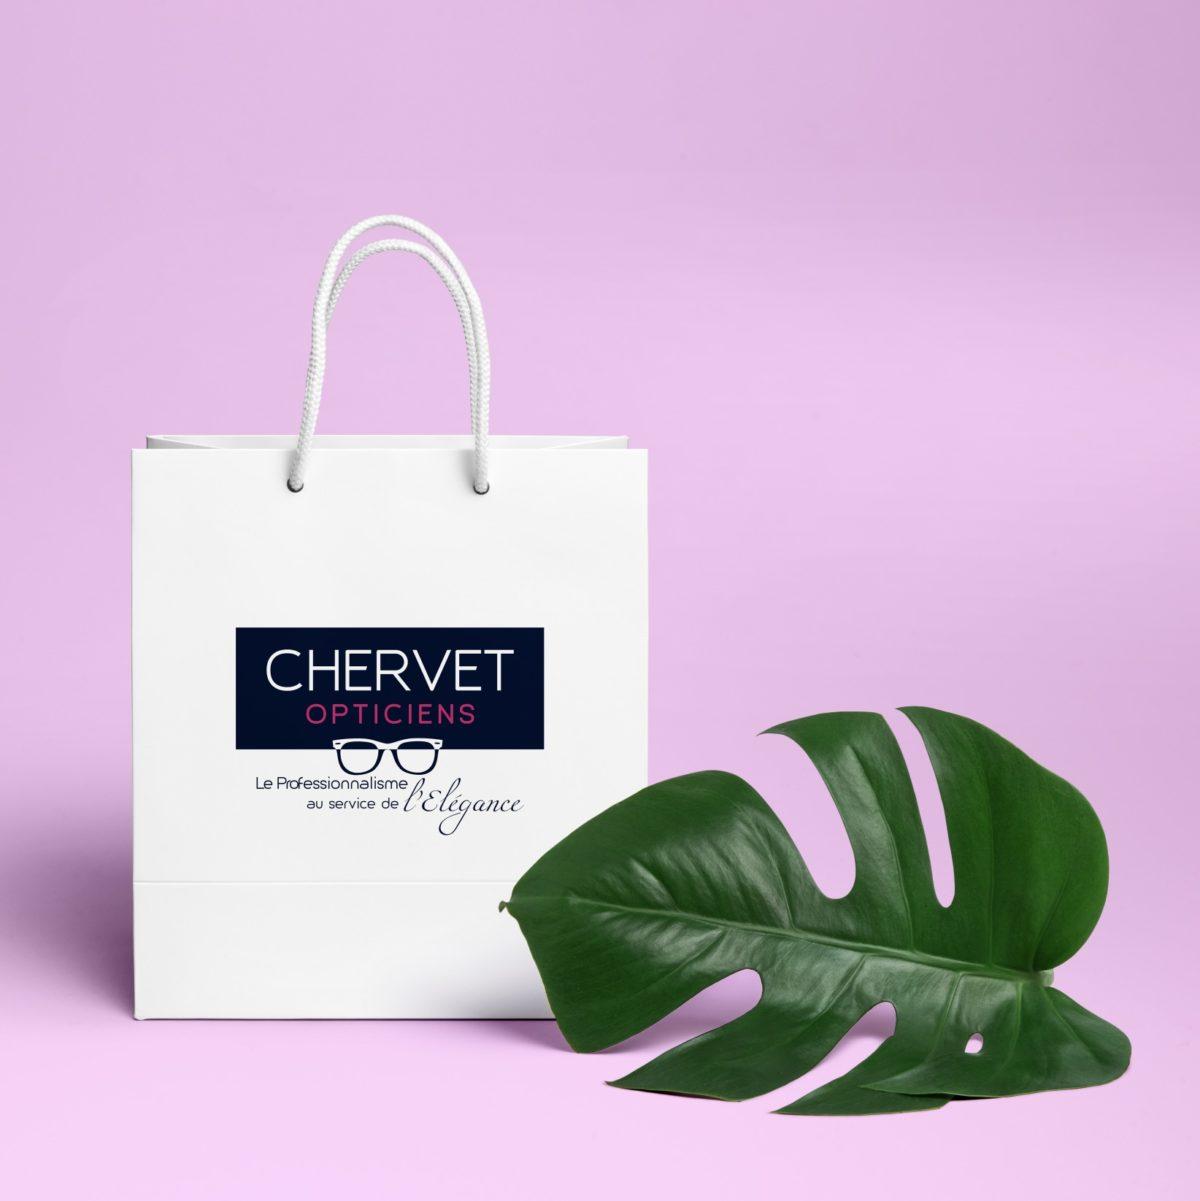 Logo Chervet Opticiens